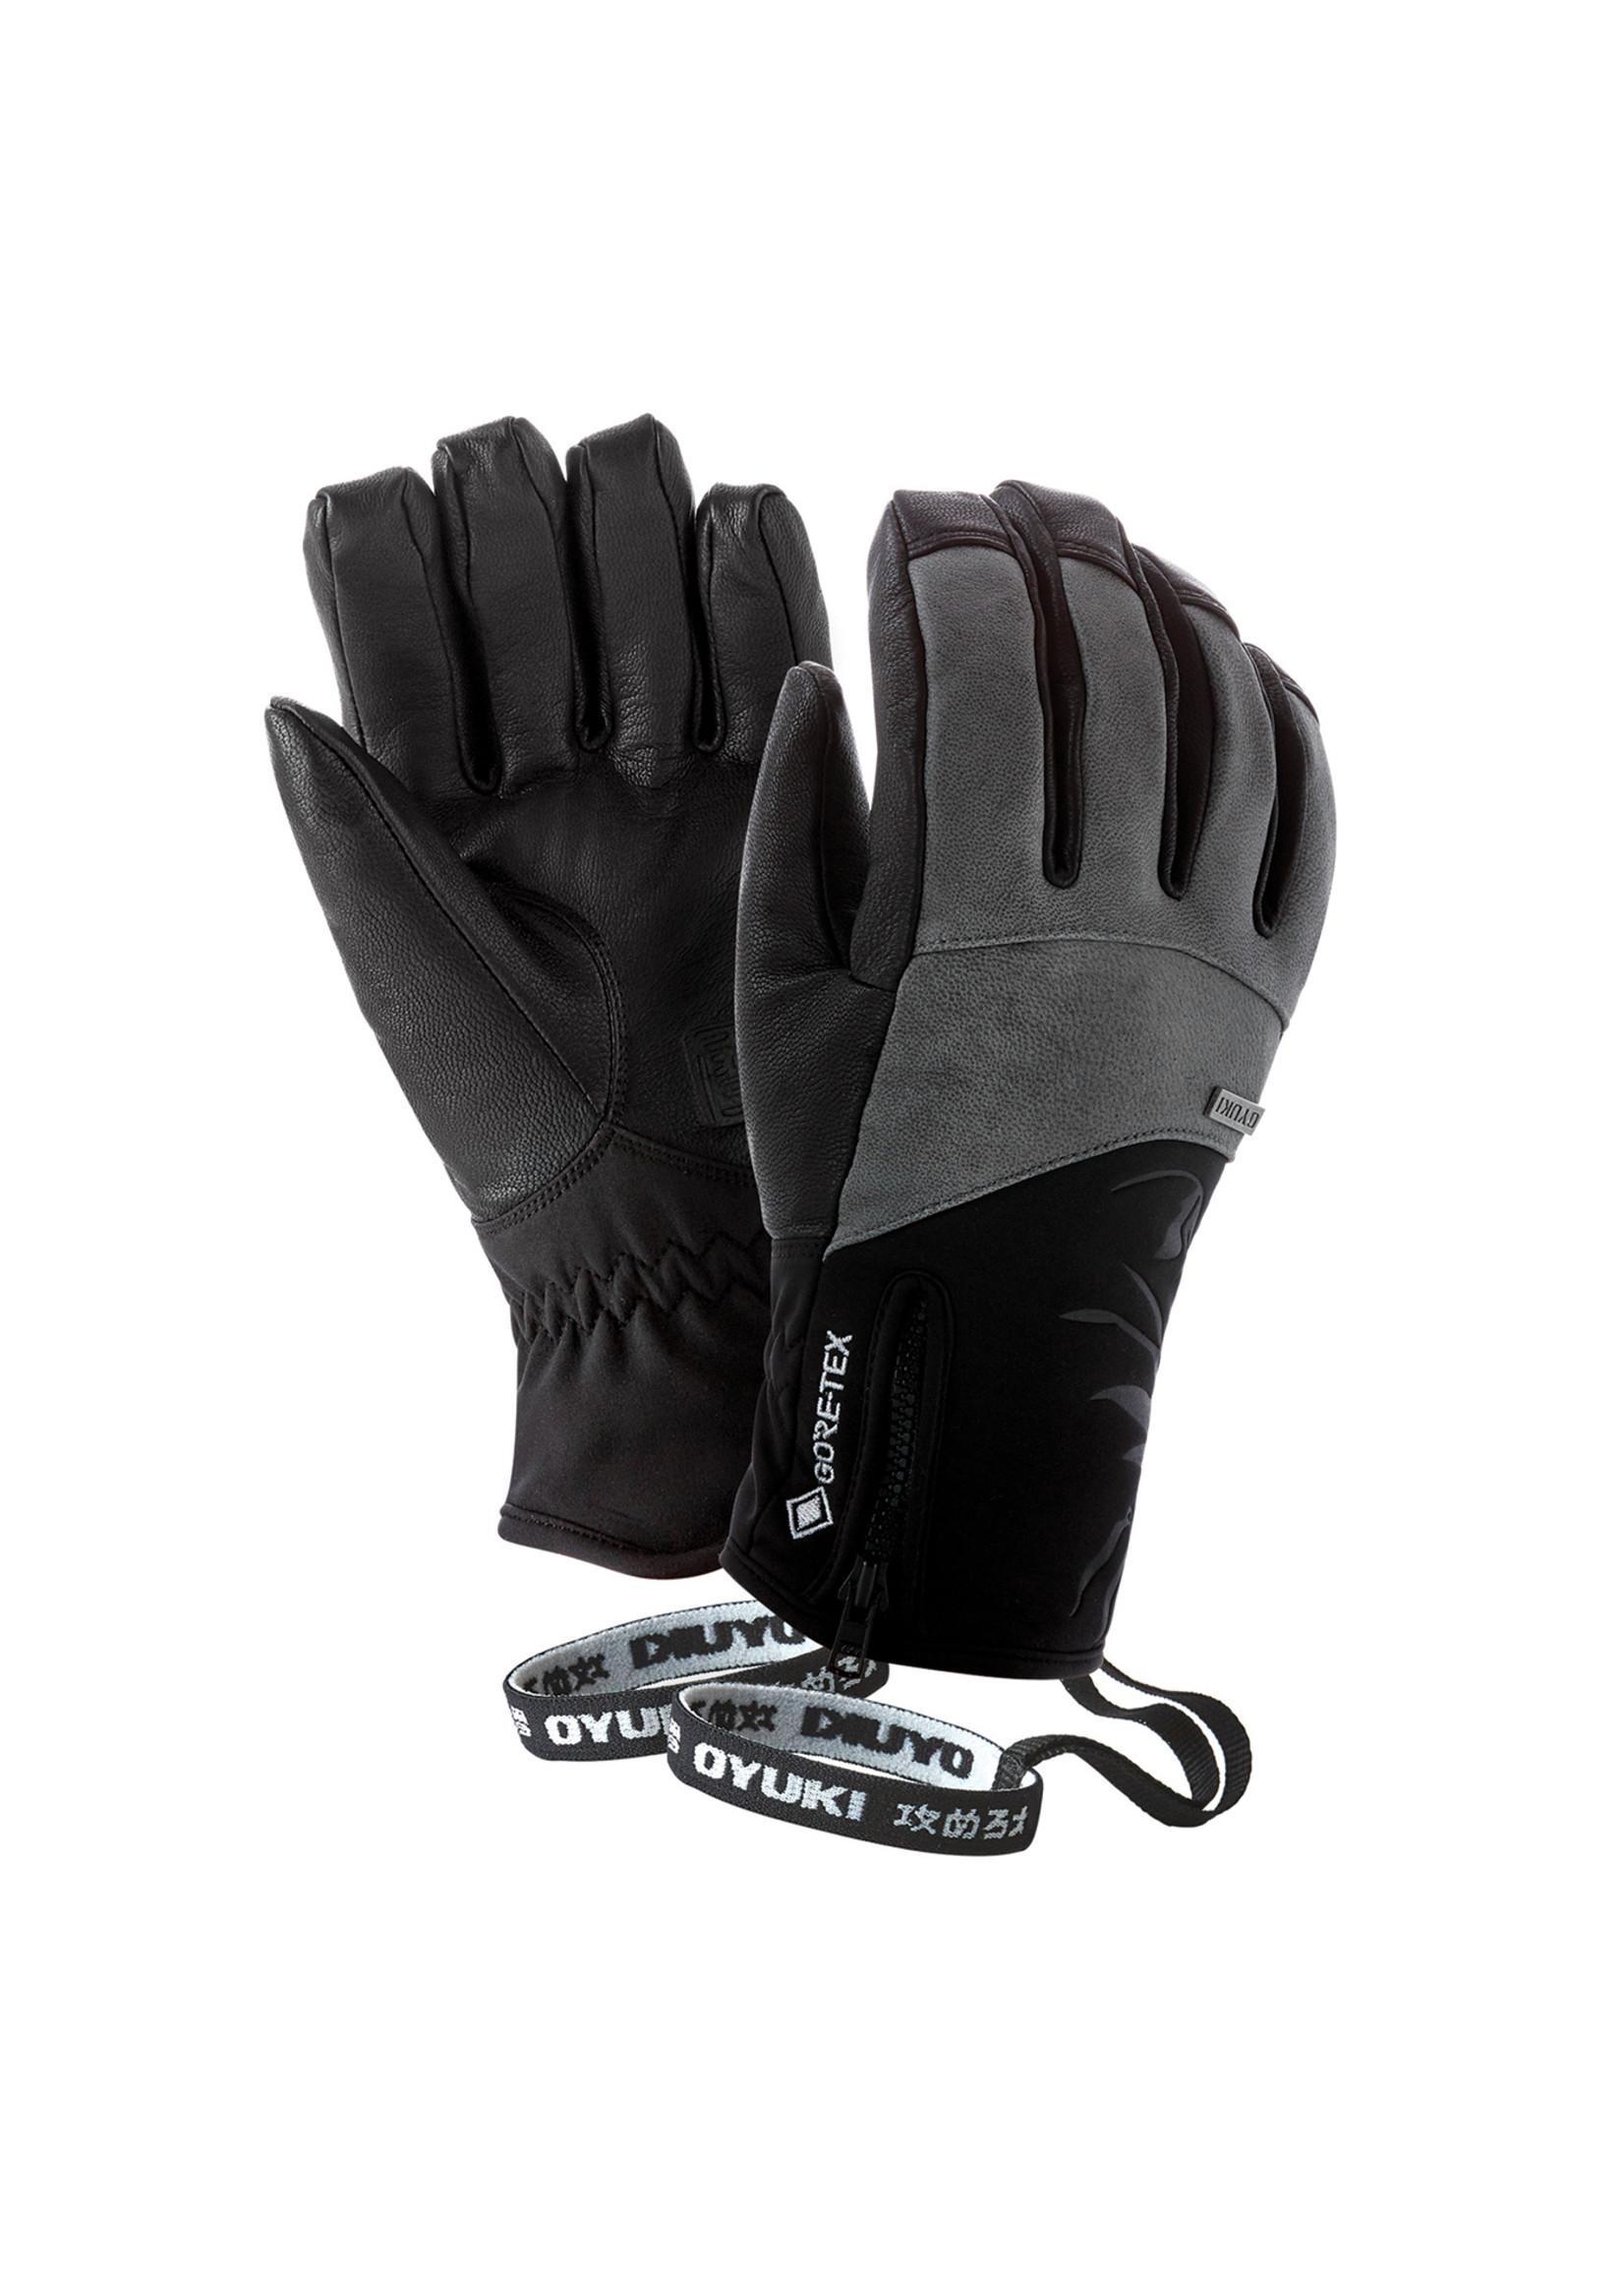 Kana Glove